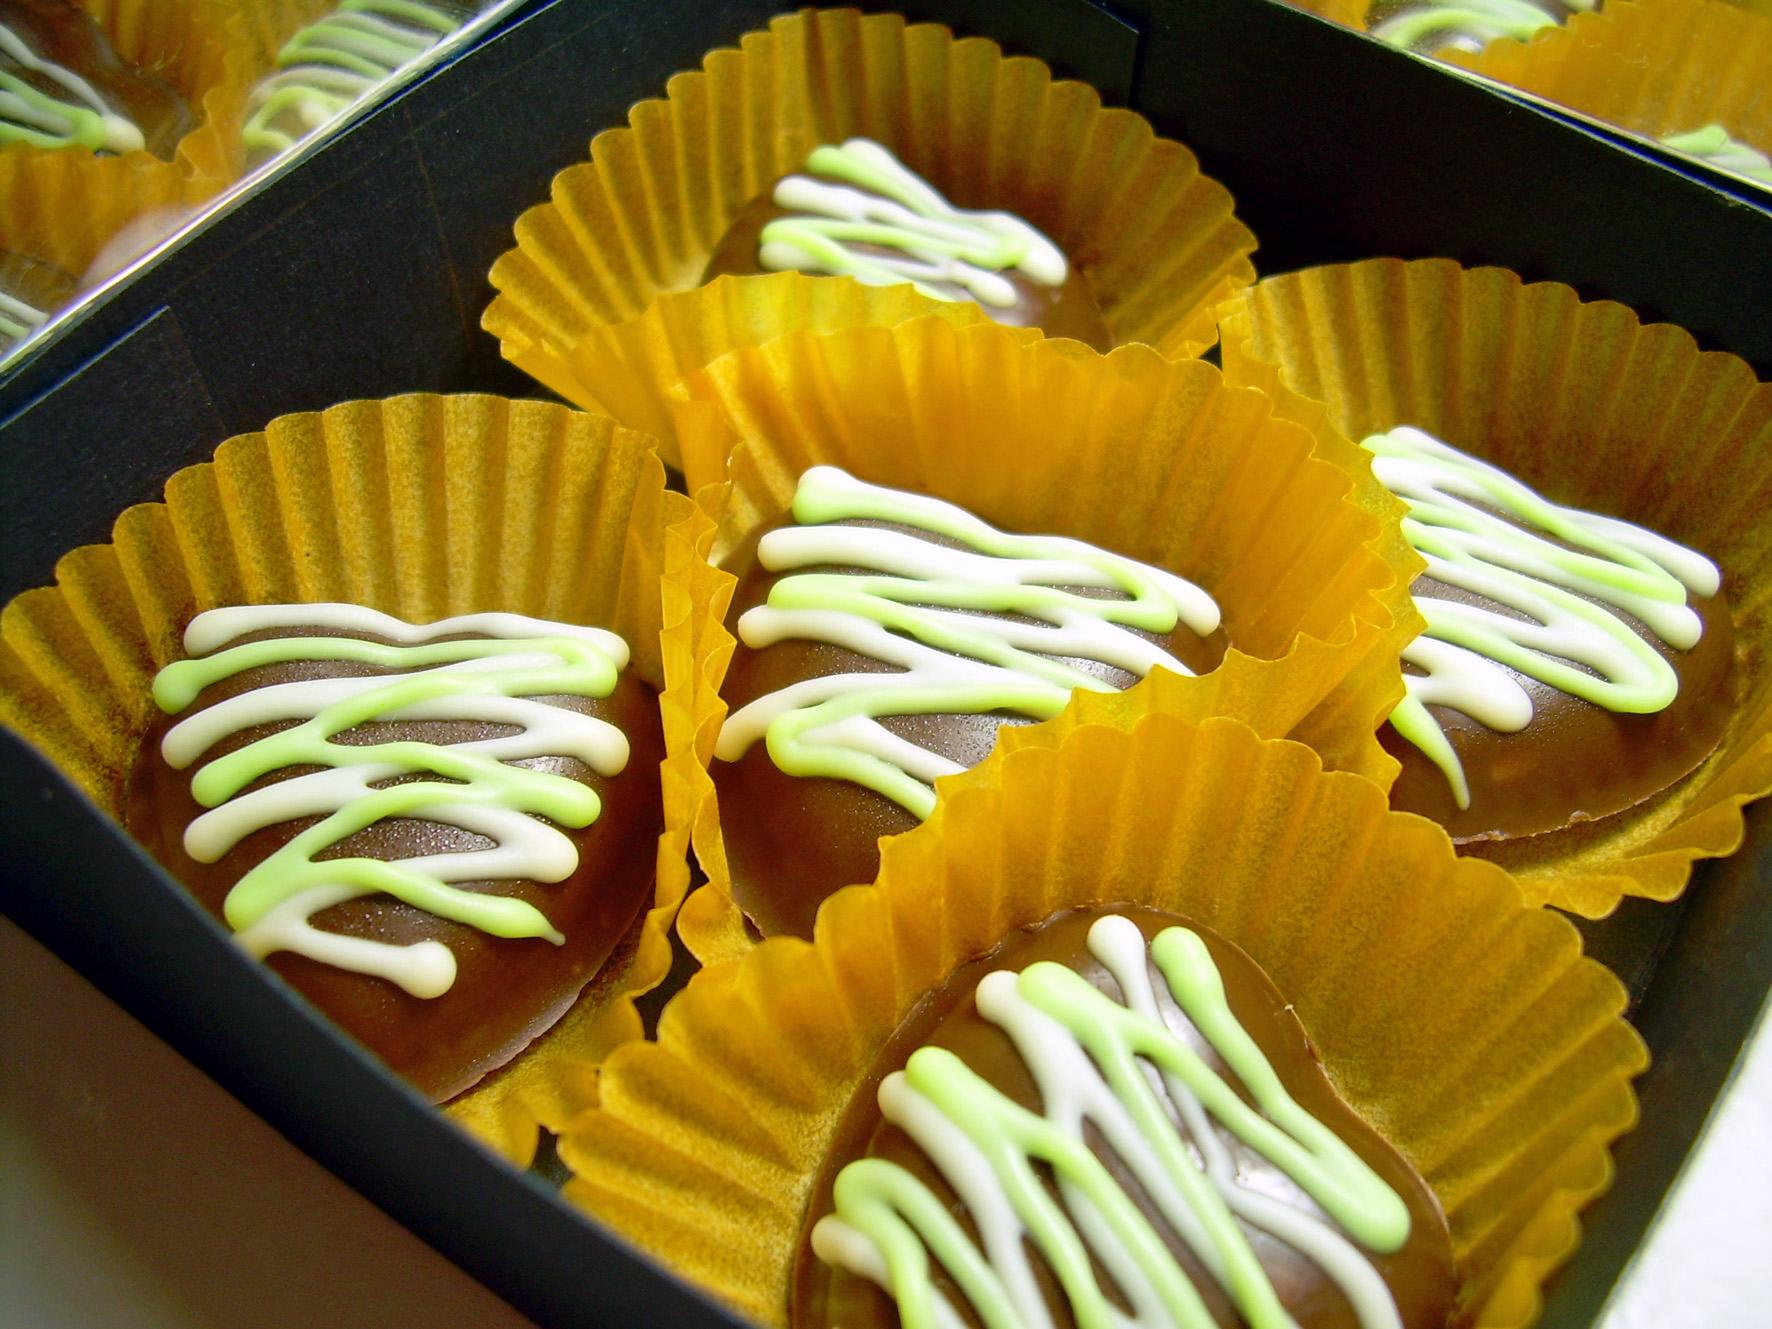 Little Love From Solo With Chocolate Variasi Adalah Rasa Cokelat Yang Umum Diproduksi Oleh Banyak Produsen Coklat Yakni Perpaduan Dengan Potongan Kacang Membawa